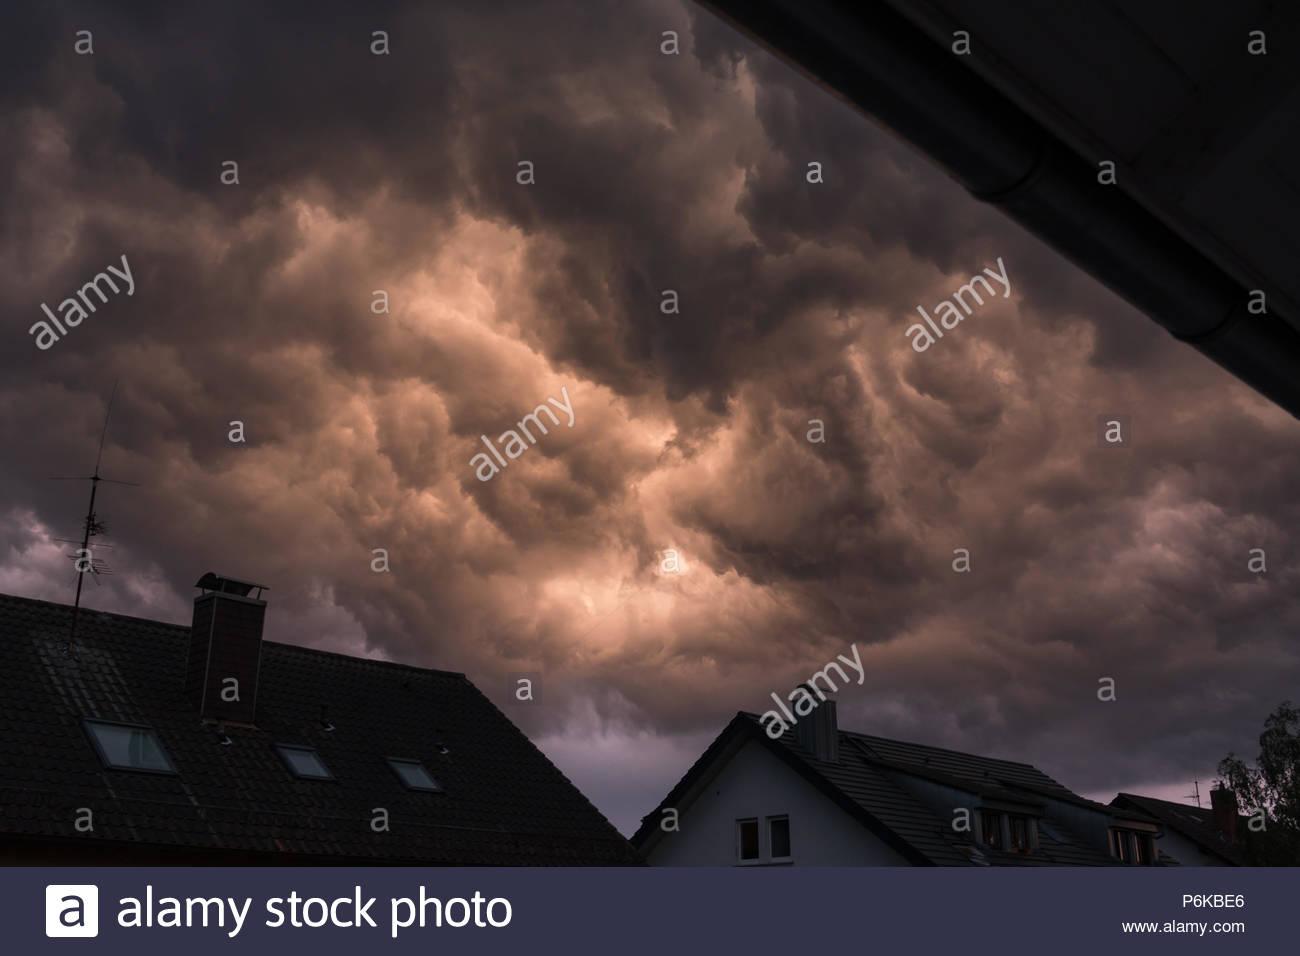 Dunkle beeindruckende Gewitterwolken über ein Dorf mit kurzen und starken Naturschauspiel während Stom. Stockbild